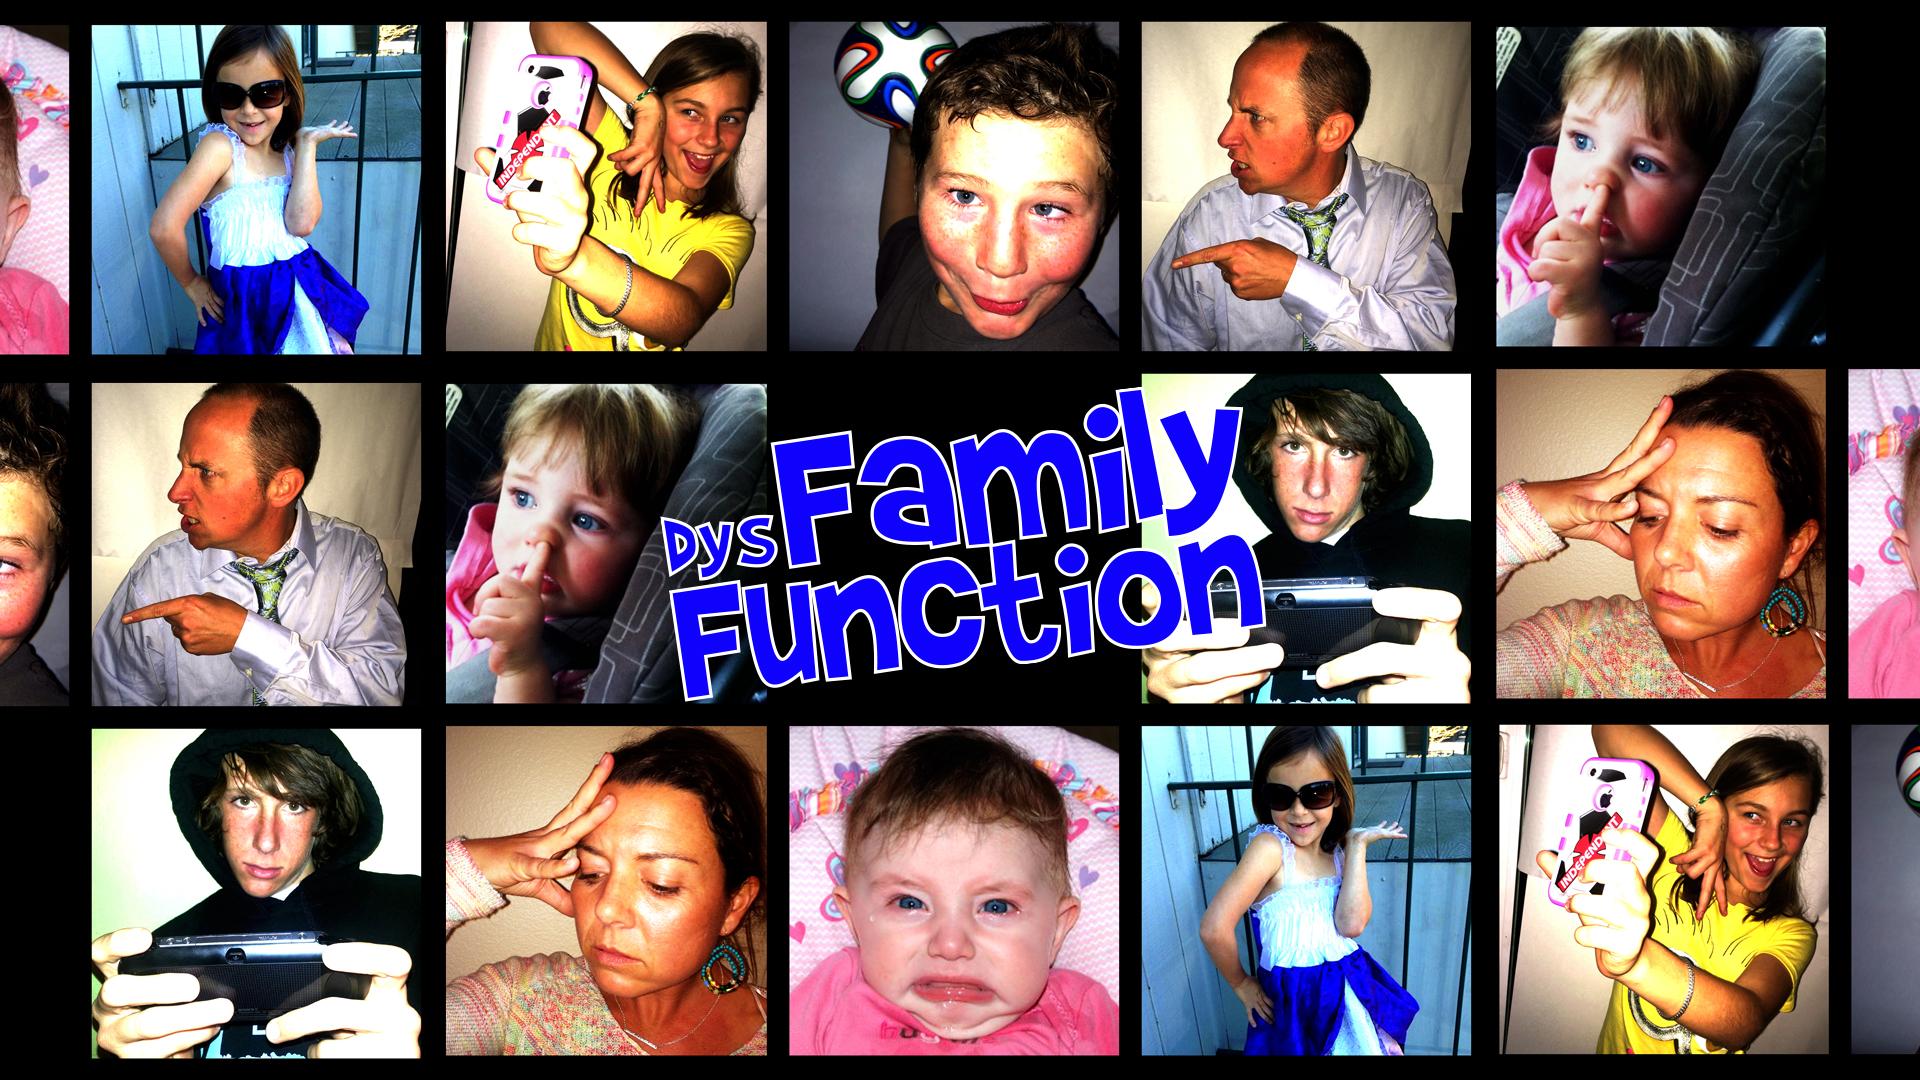 Family dysFunction FULL artwork.jpg